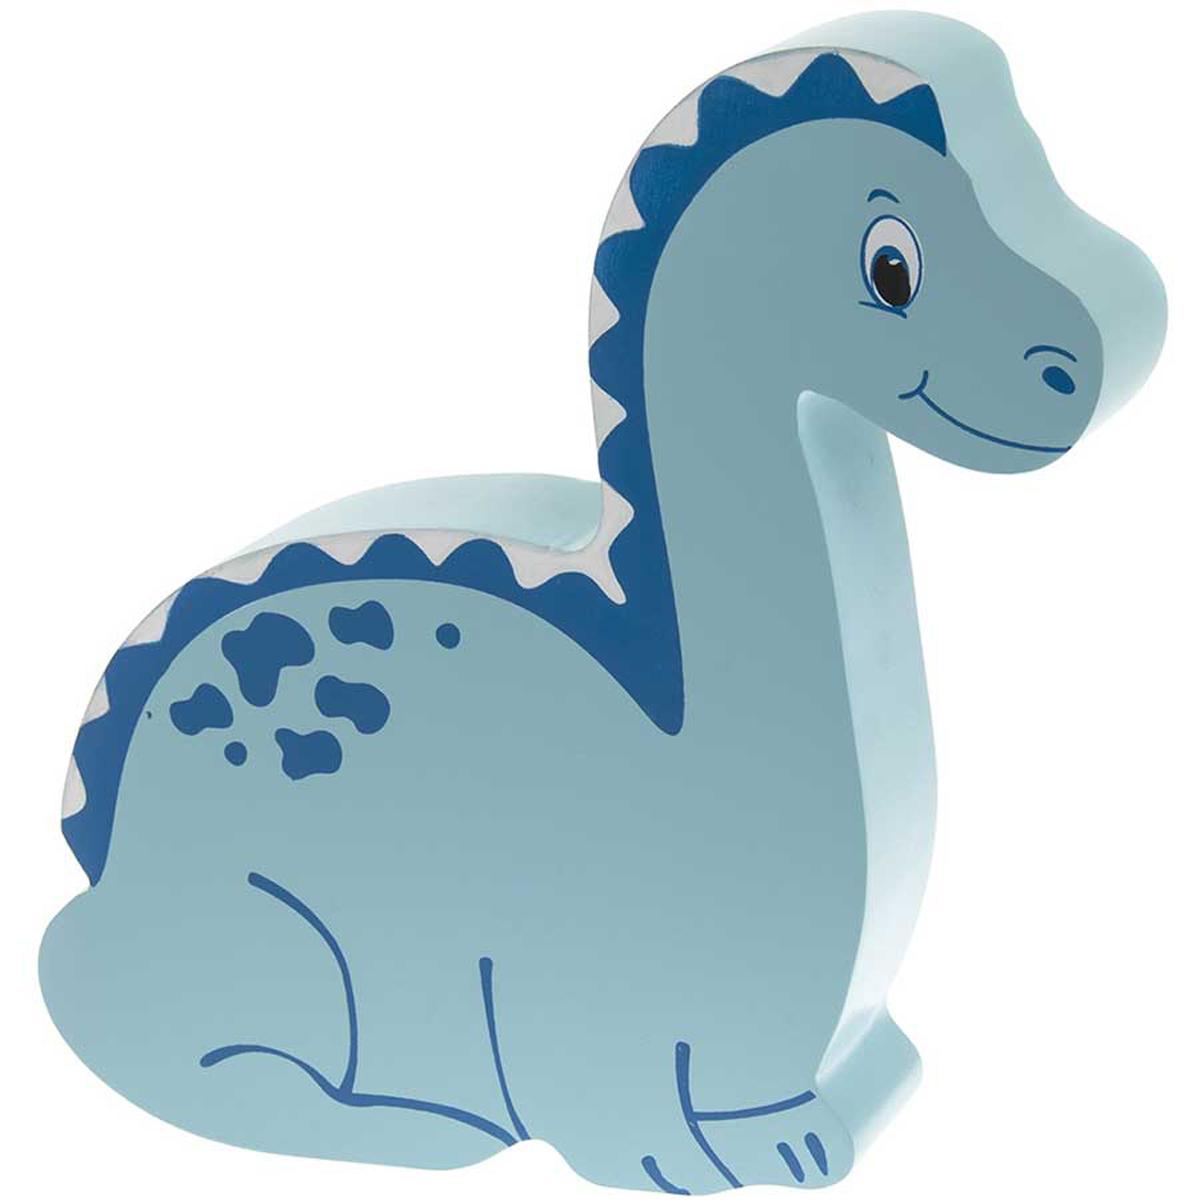 Tirelire bois \'Dinosaure\' bleu - 20x19x4 cm - [Q0302]